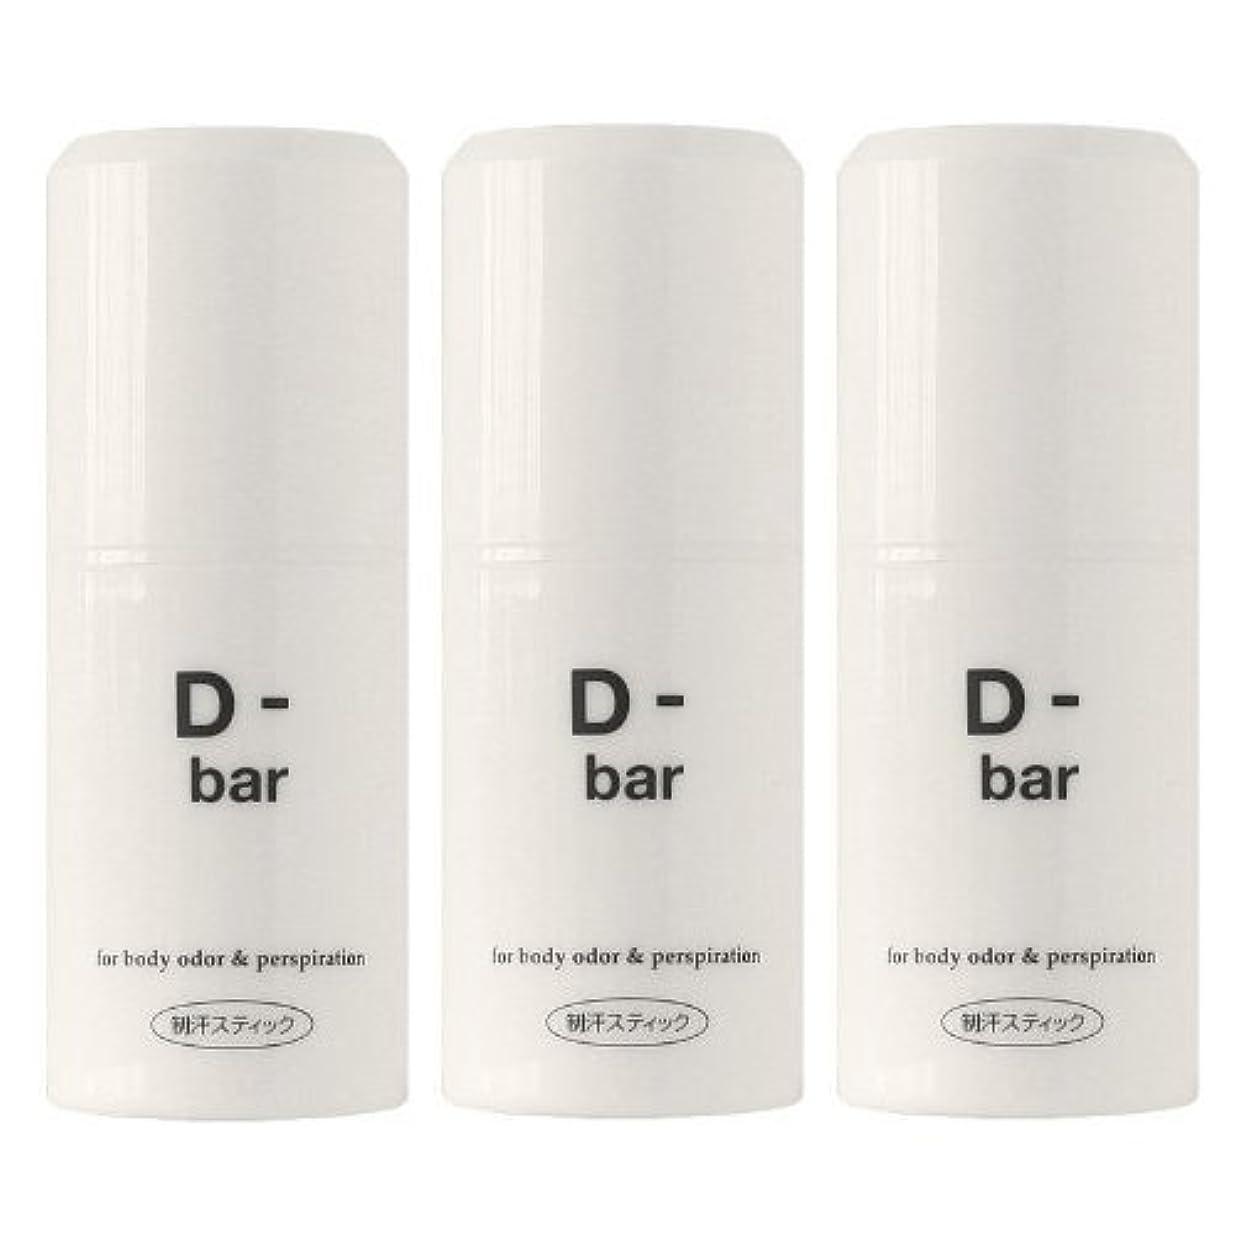 聡明まあパブディーバー(D-bar) 3本セット